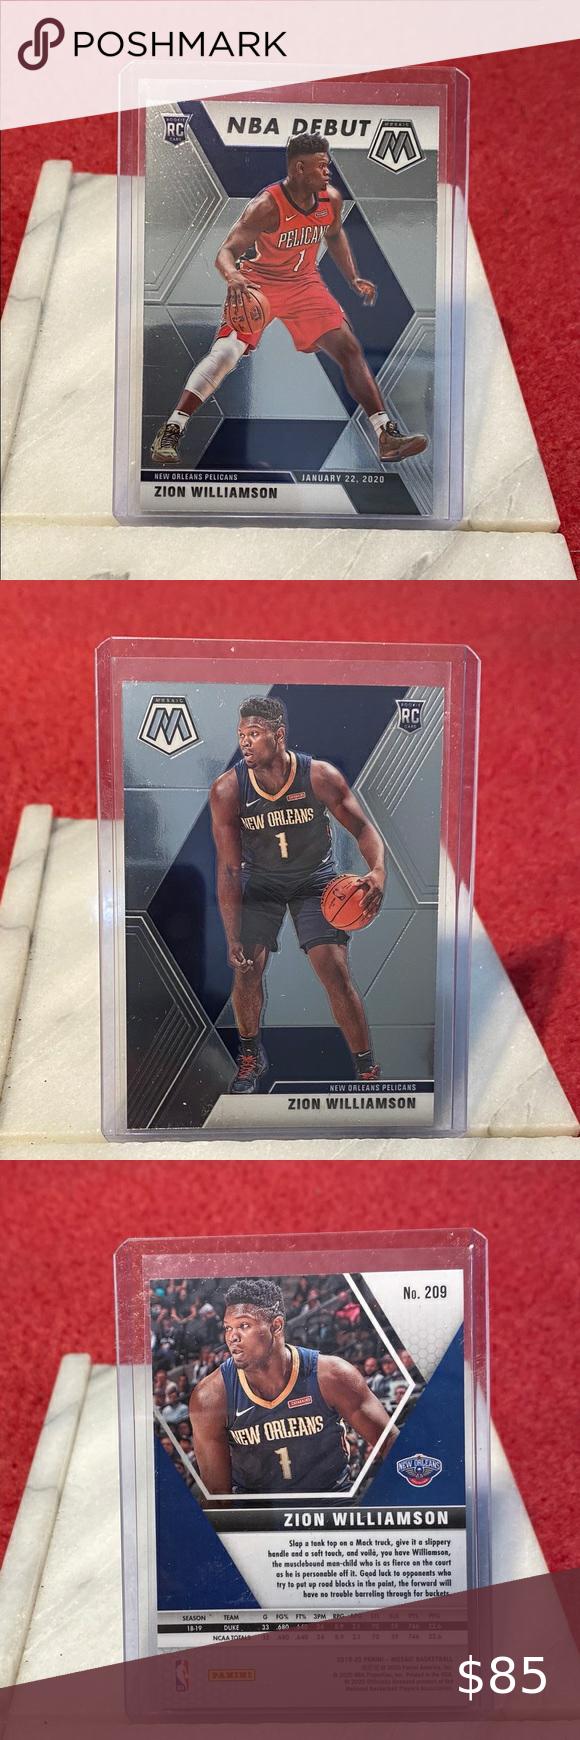 2019 20 Panini Mosaic Zion Williamson Nba Mint 2019 20 Panini Mosaic Zion Williamson Nba Debut Rookie Card Ships In Sleeve And Top Loa In 2020 Nba Williamson Zion